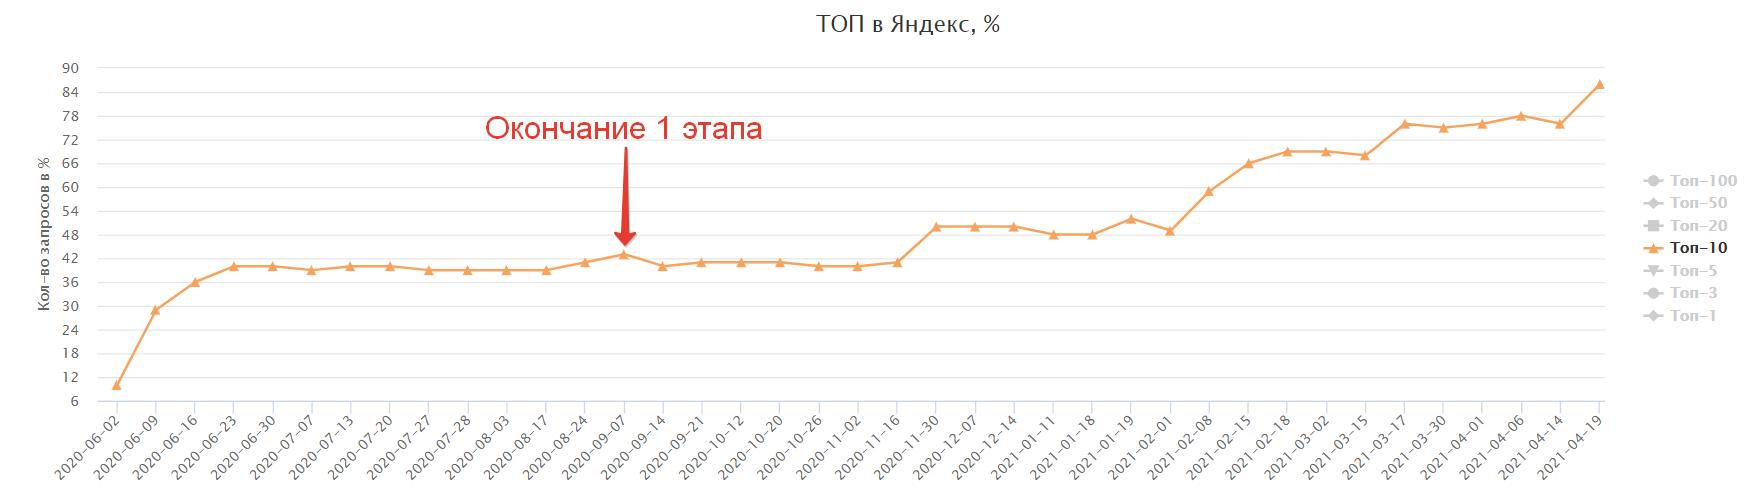 позиции Яндекс первый этап